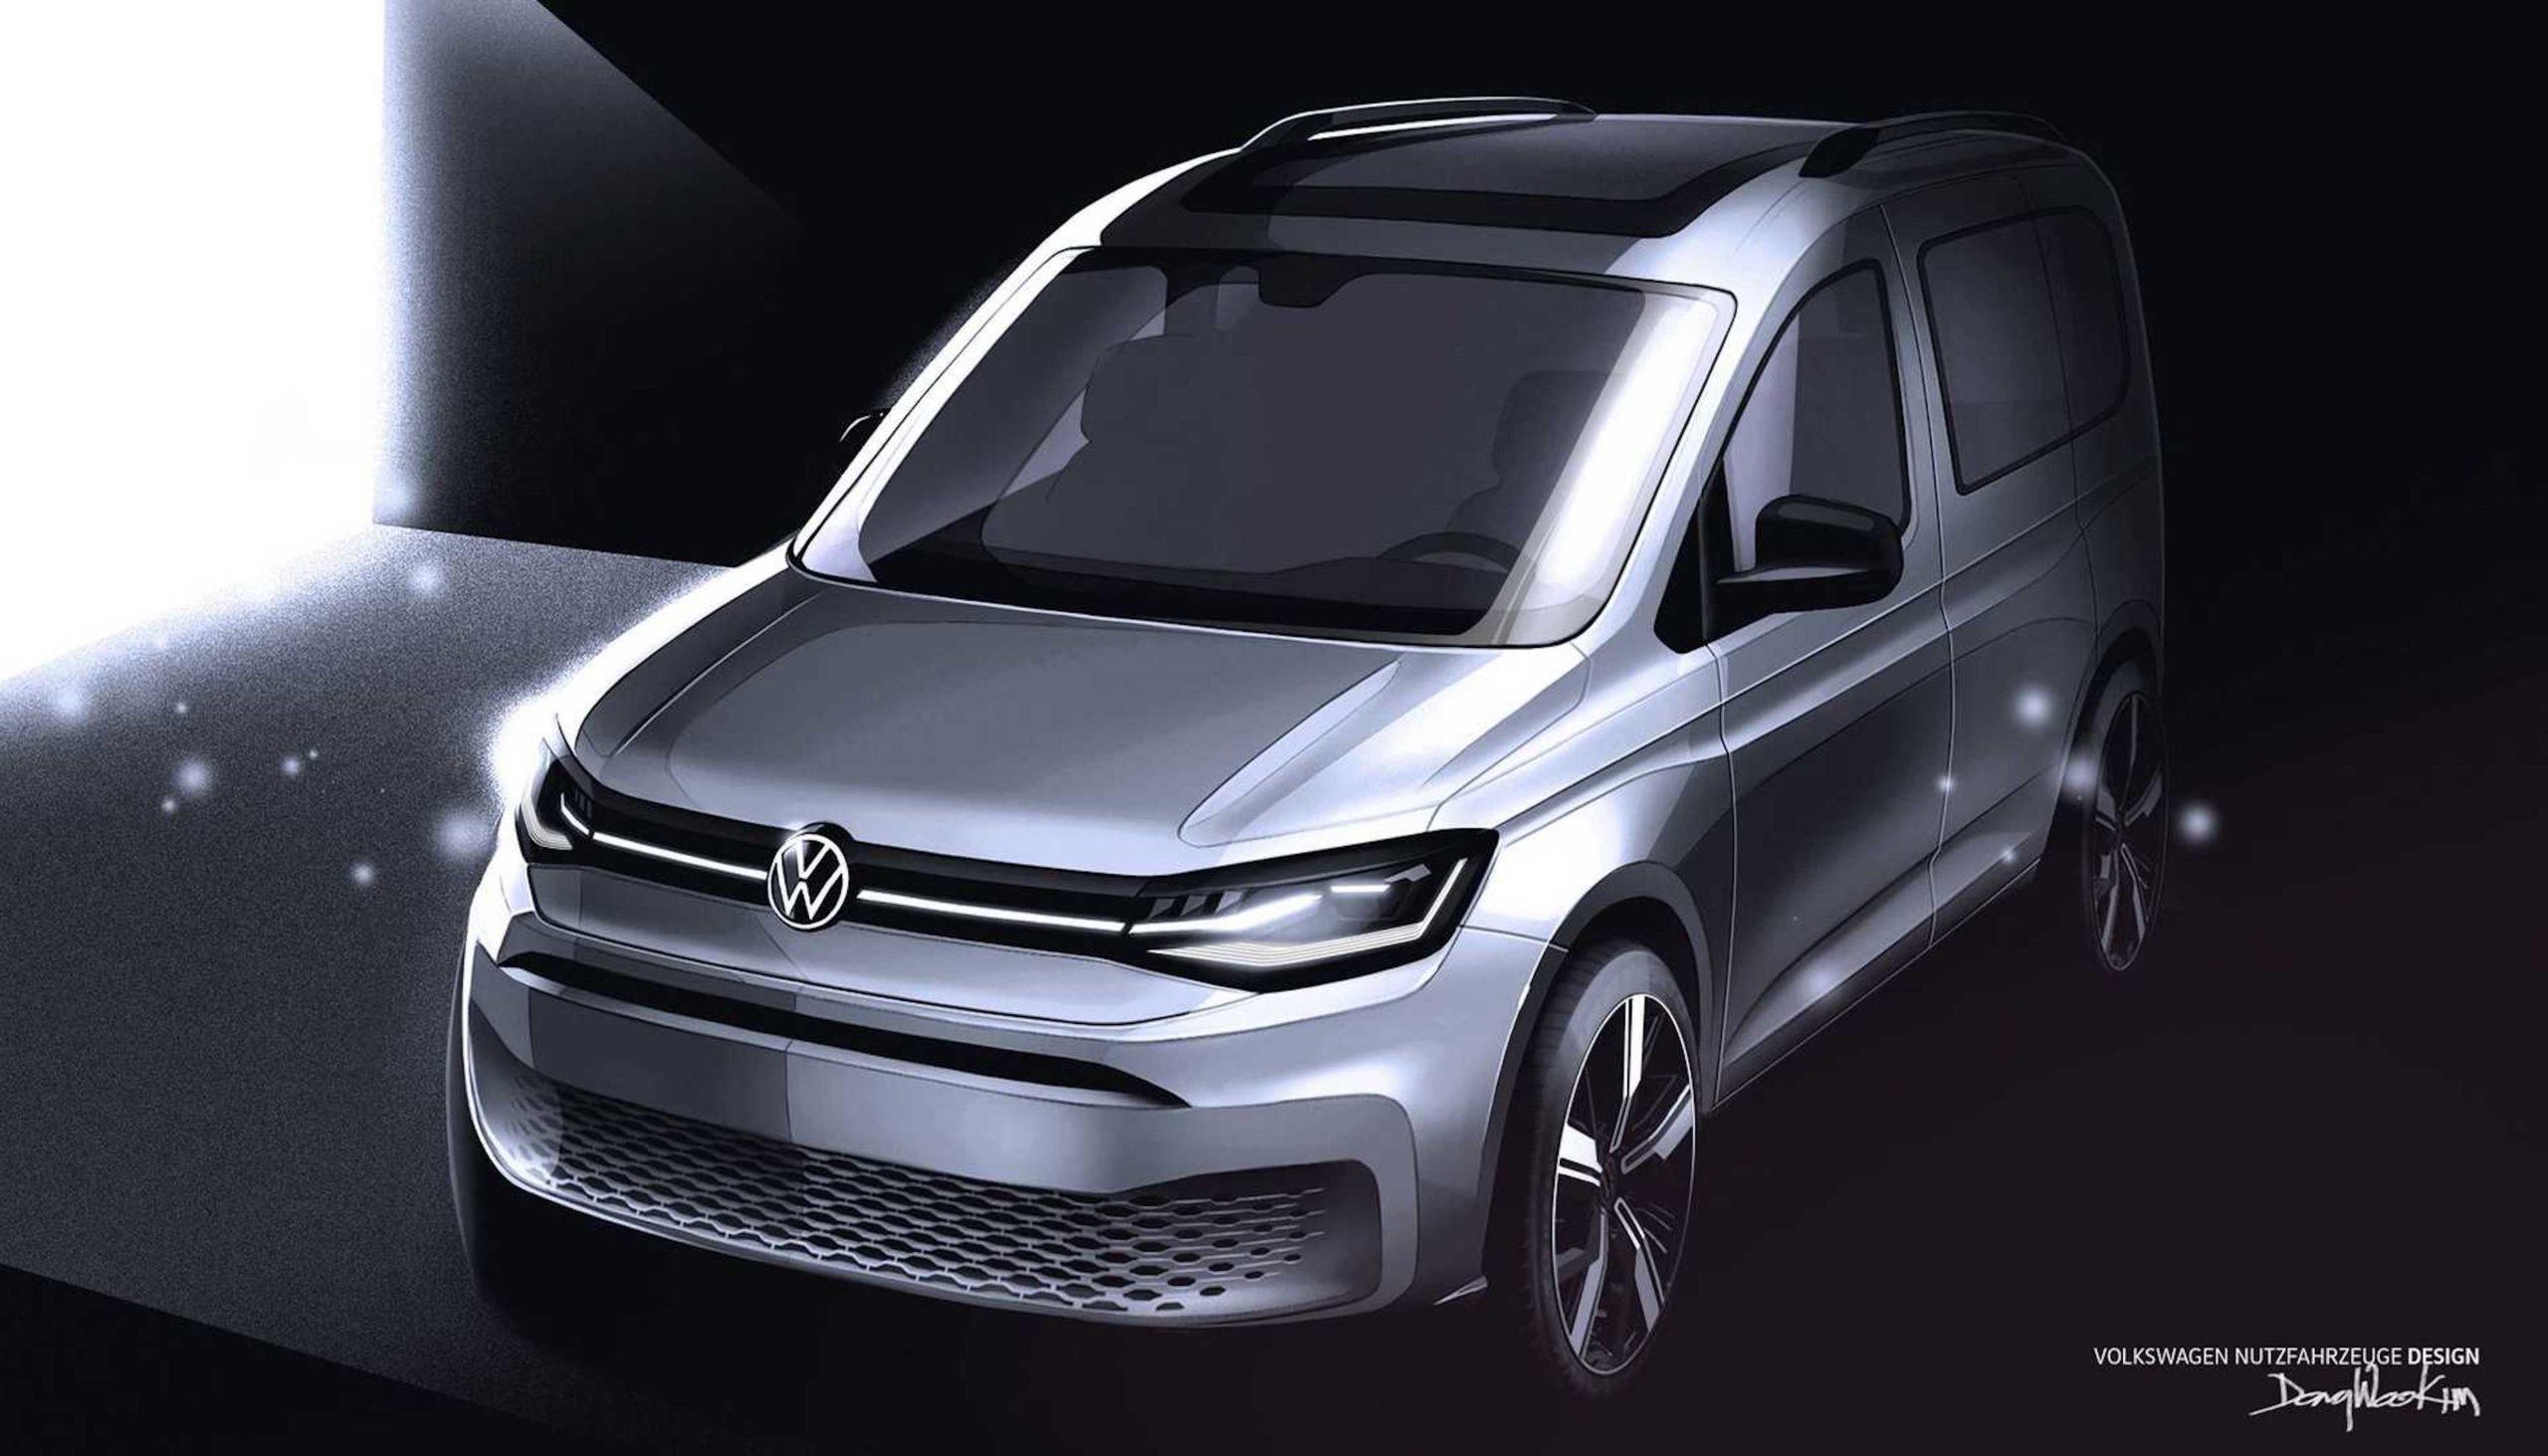 Nowy Volkswagen Caddy będzie zupełnie inny, a jednak spełniający wszystkie stawiane wcześniej wymagania. Światowa premiera modelu już w lutym